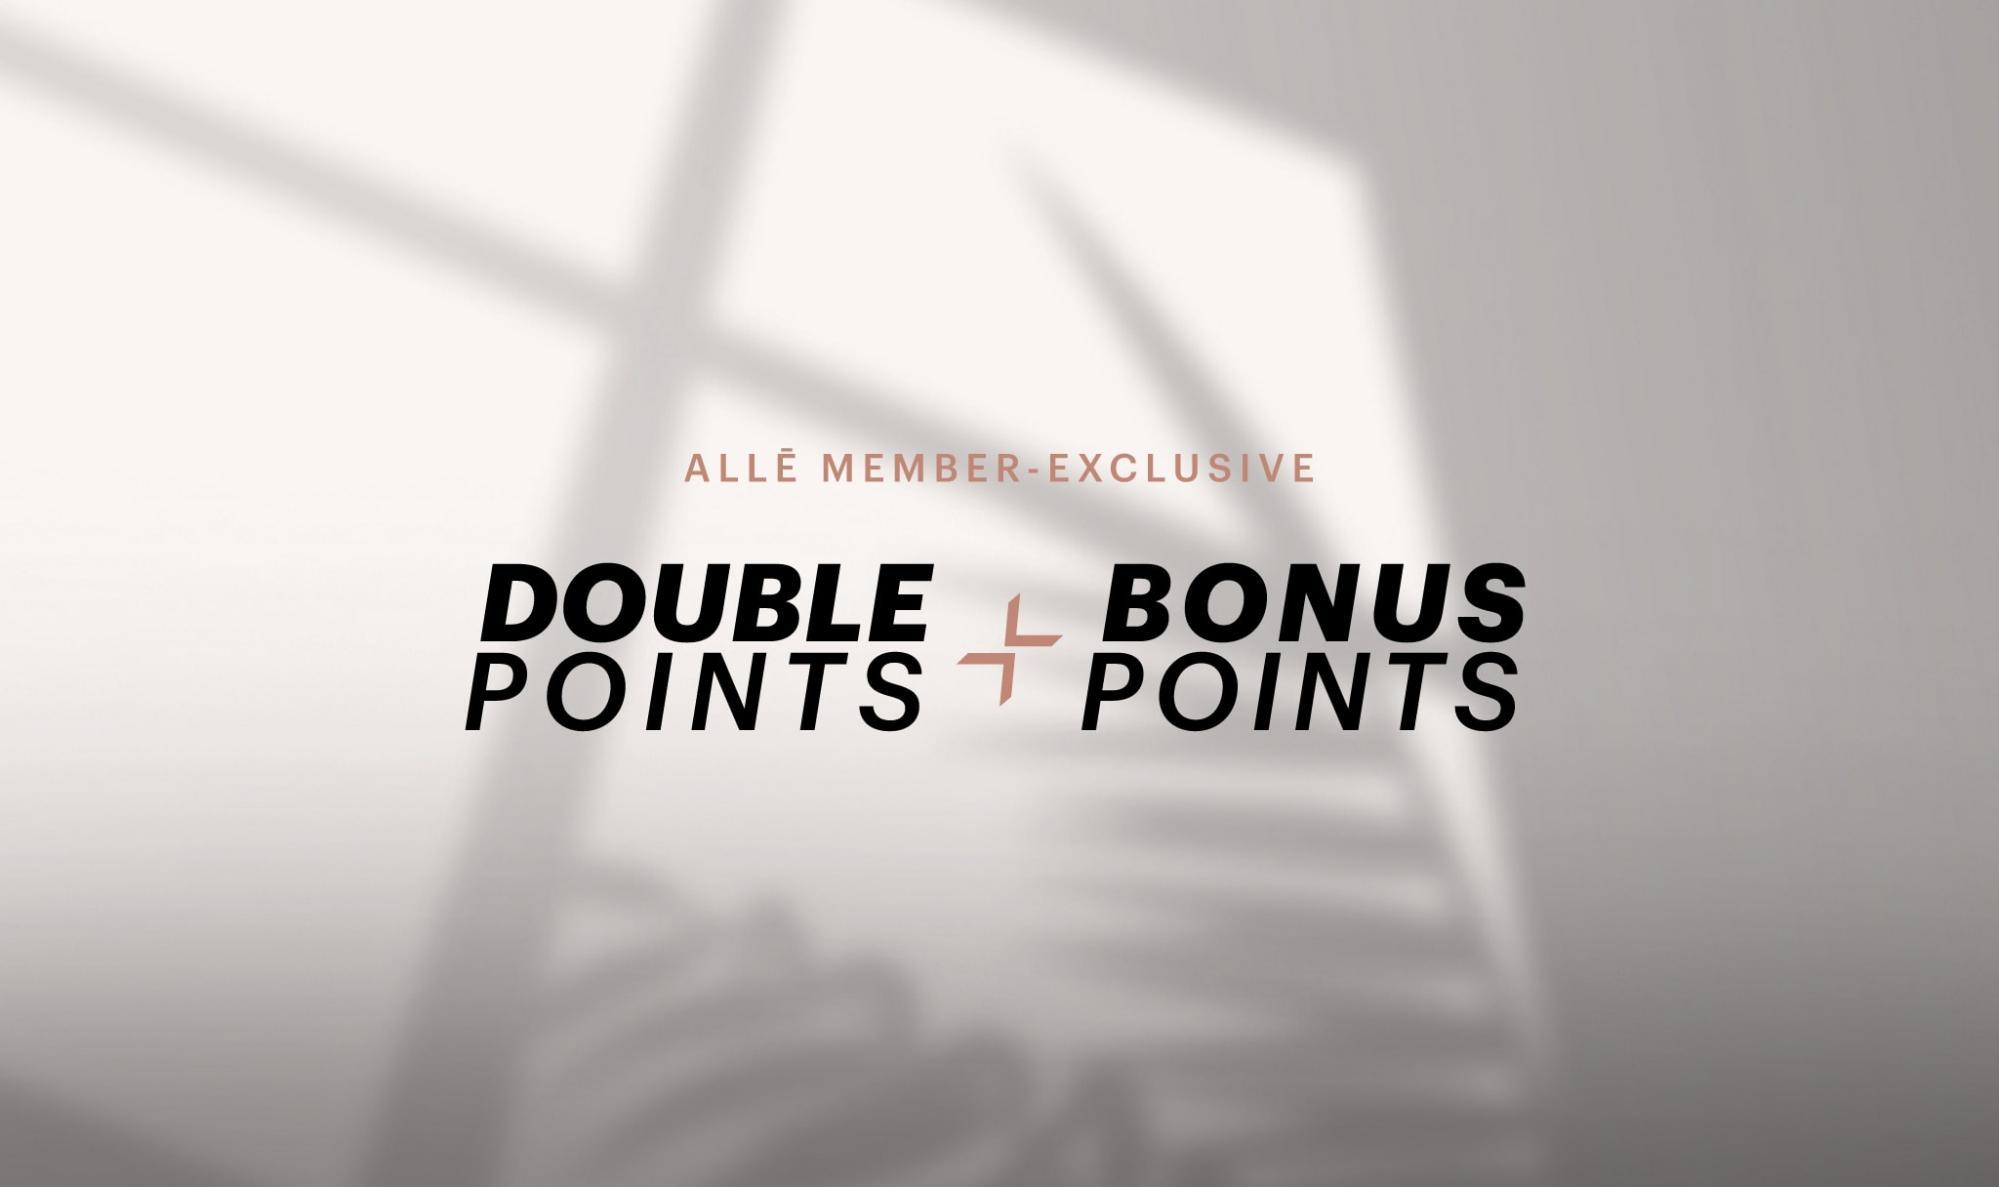 Allē member exclusive - Double Points